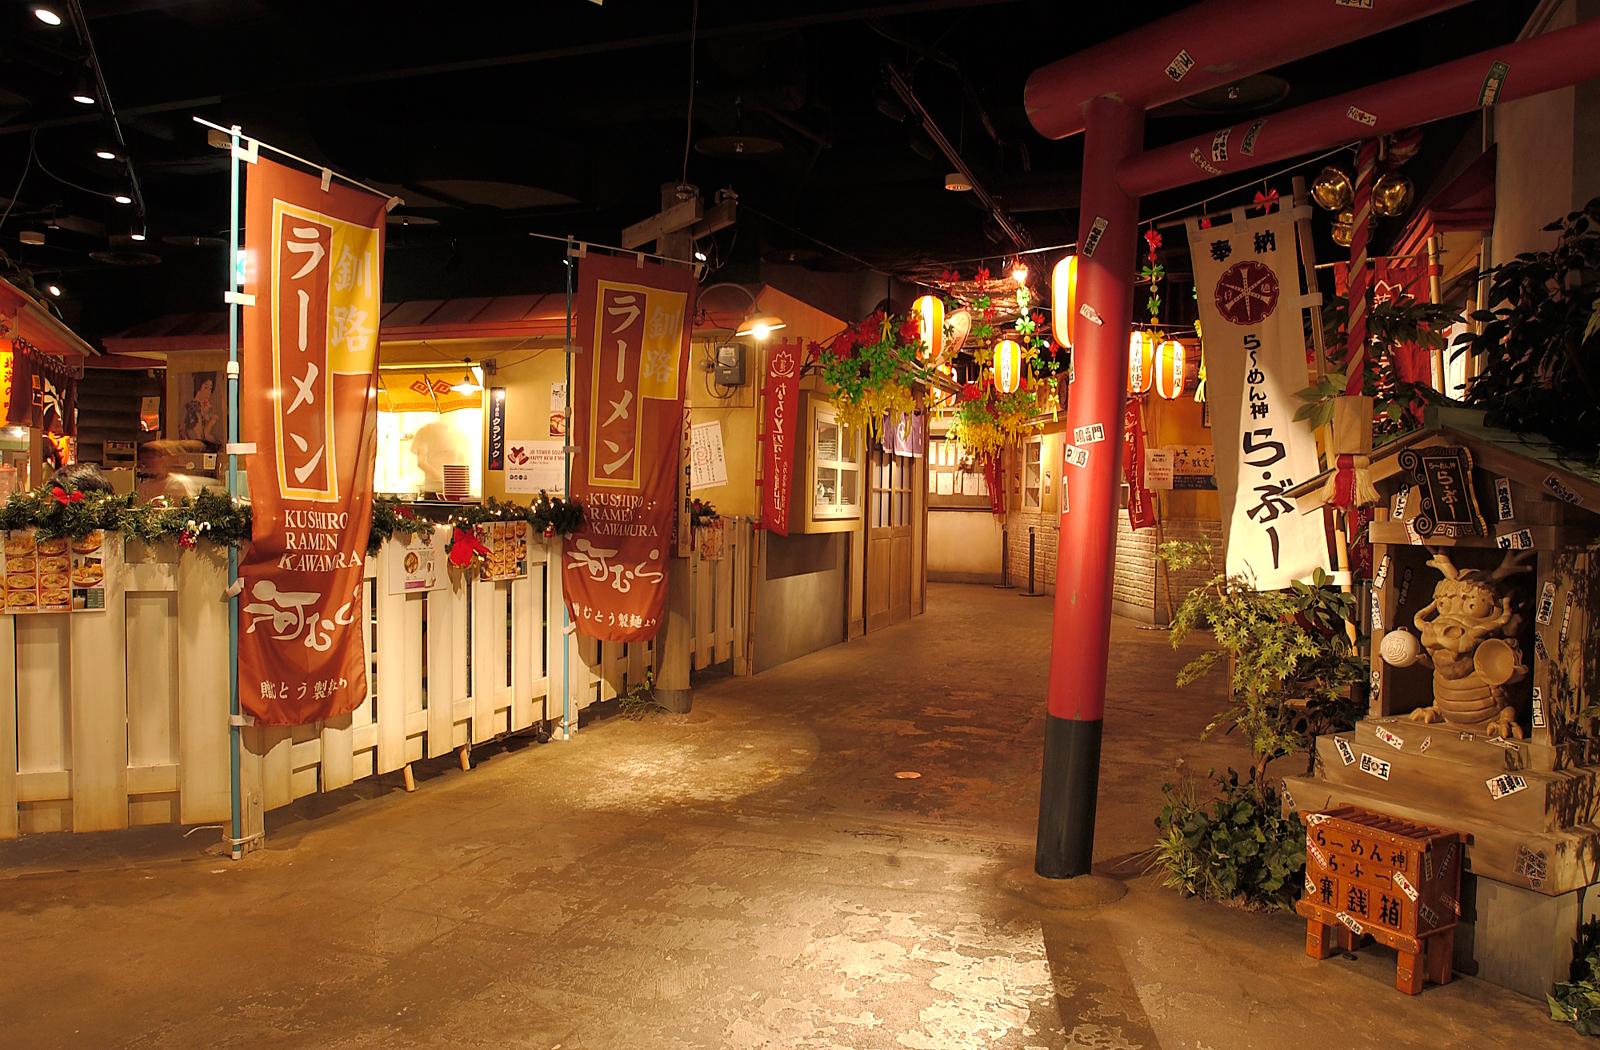 삿포로 라면공화국의 모습